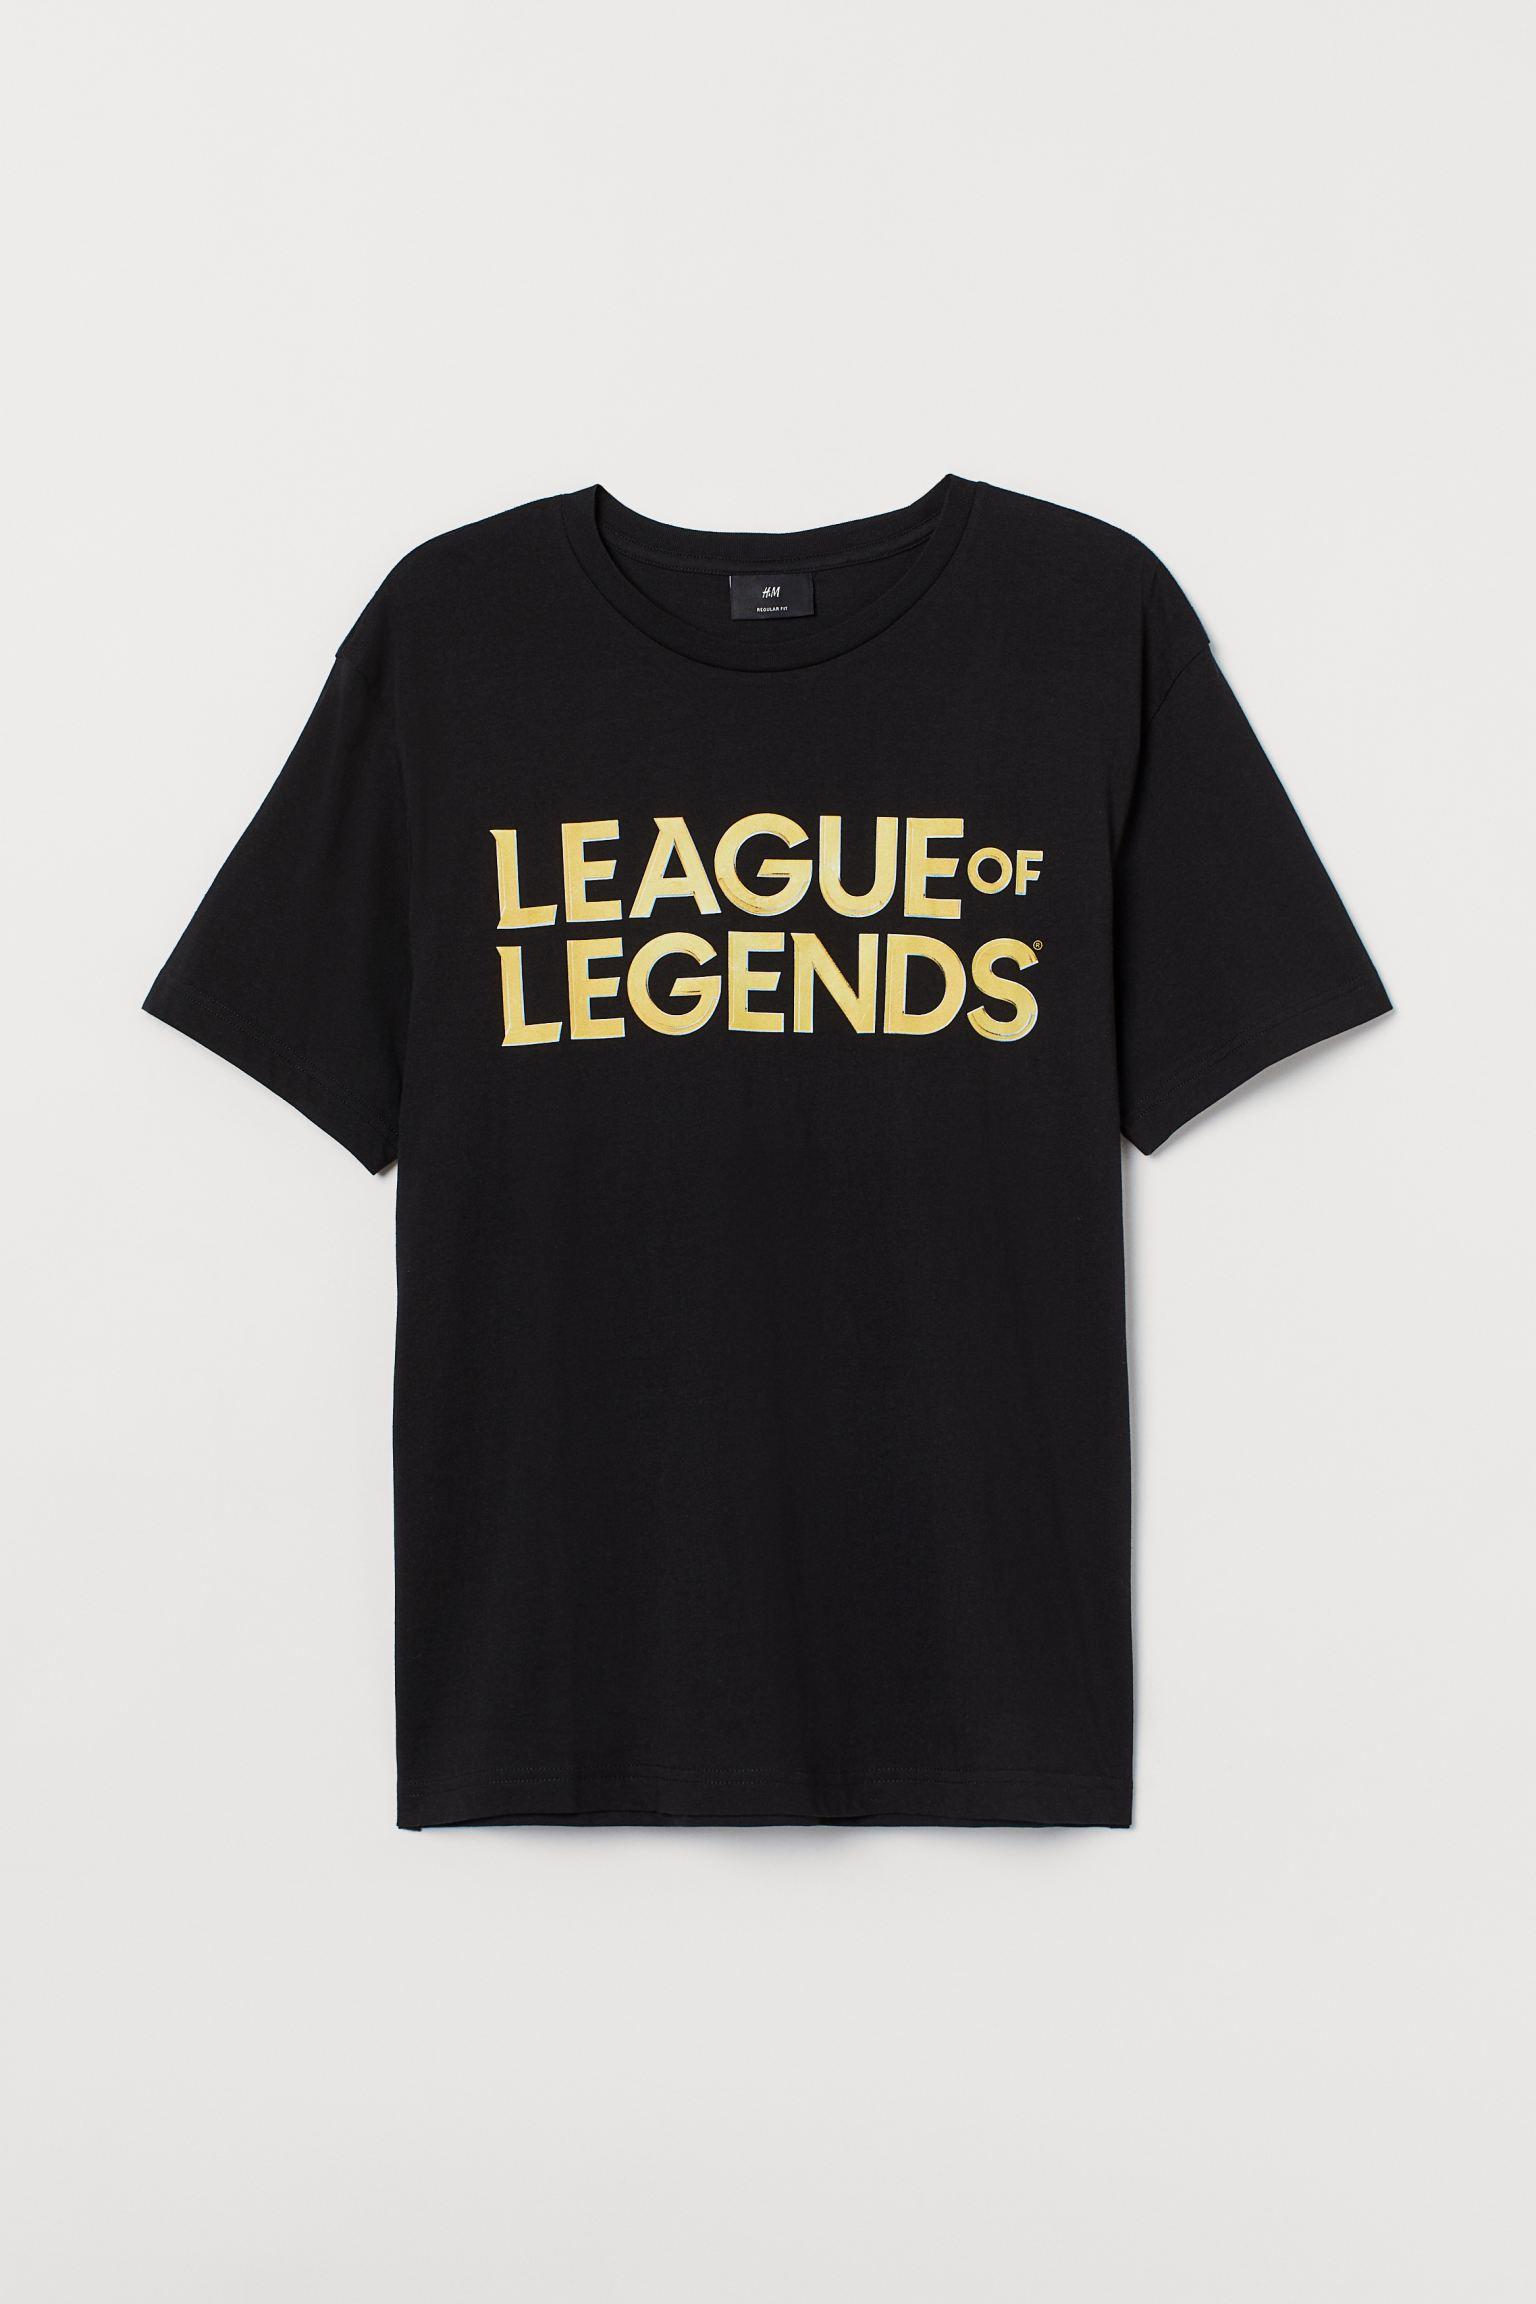 Camiseta con logo de League of Legends bordado